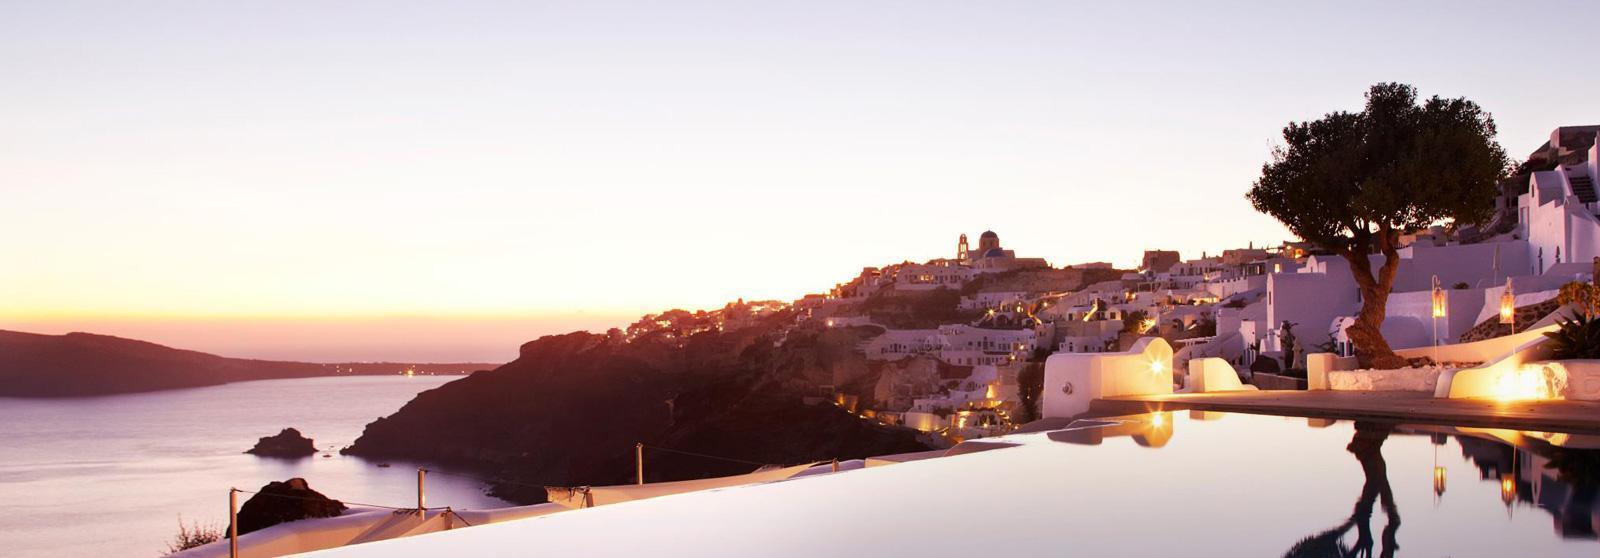 圣托里尼琪丽霓酒店(Kirini Santorini)【 圣托里尼岛,希腊】 酒店  www.lhw.cn